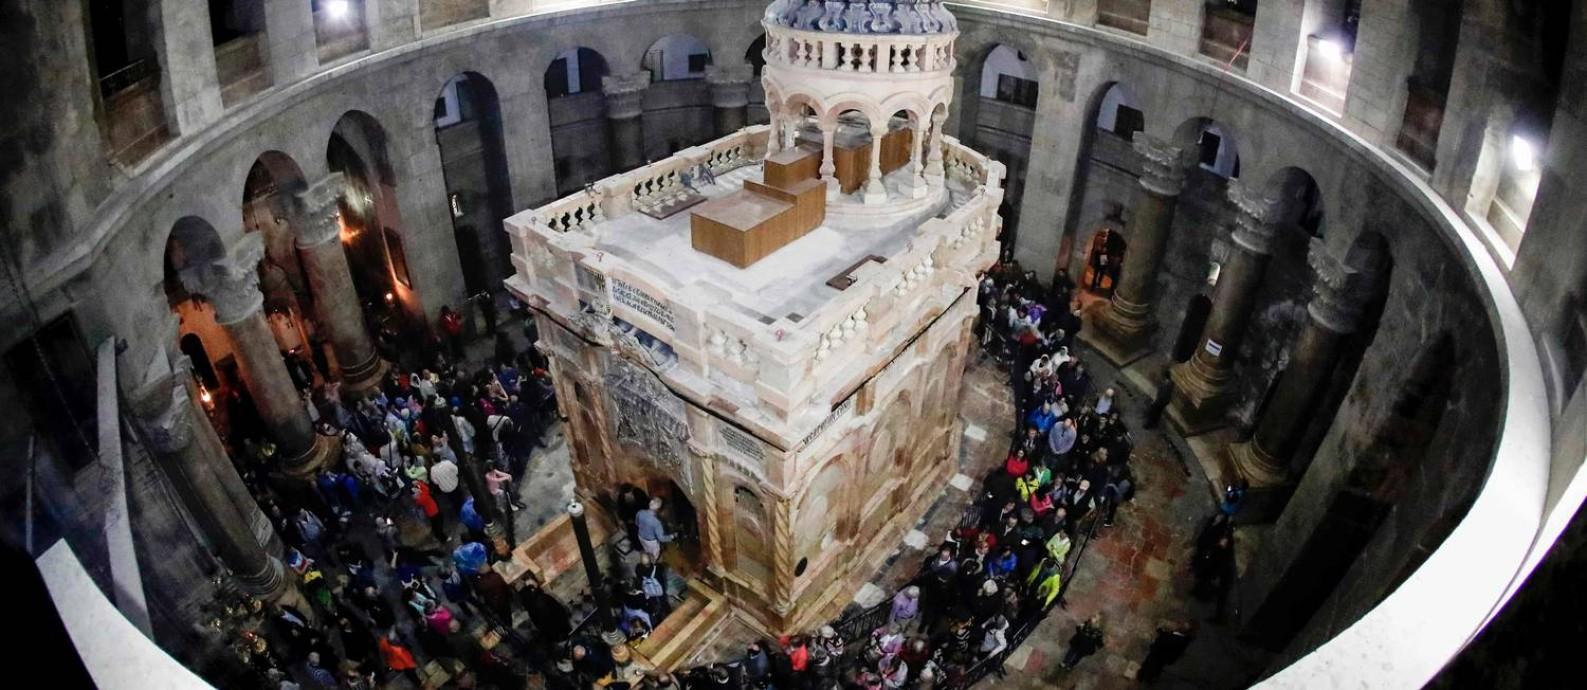 Público aguarda para entrar na Edícula reformada na Igreja do Santo Sepulcro de Jerusalém Foto: THOMAS COEX / AFP